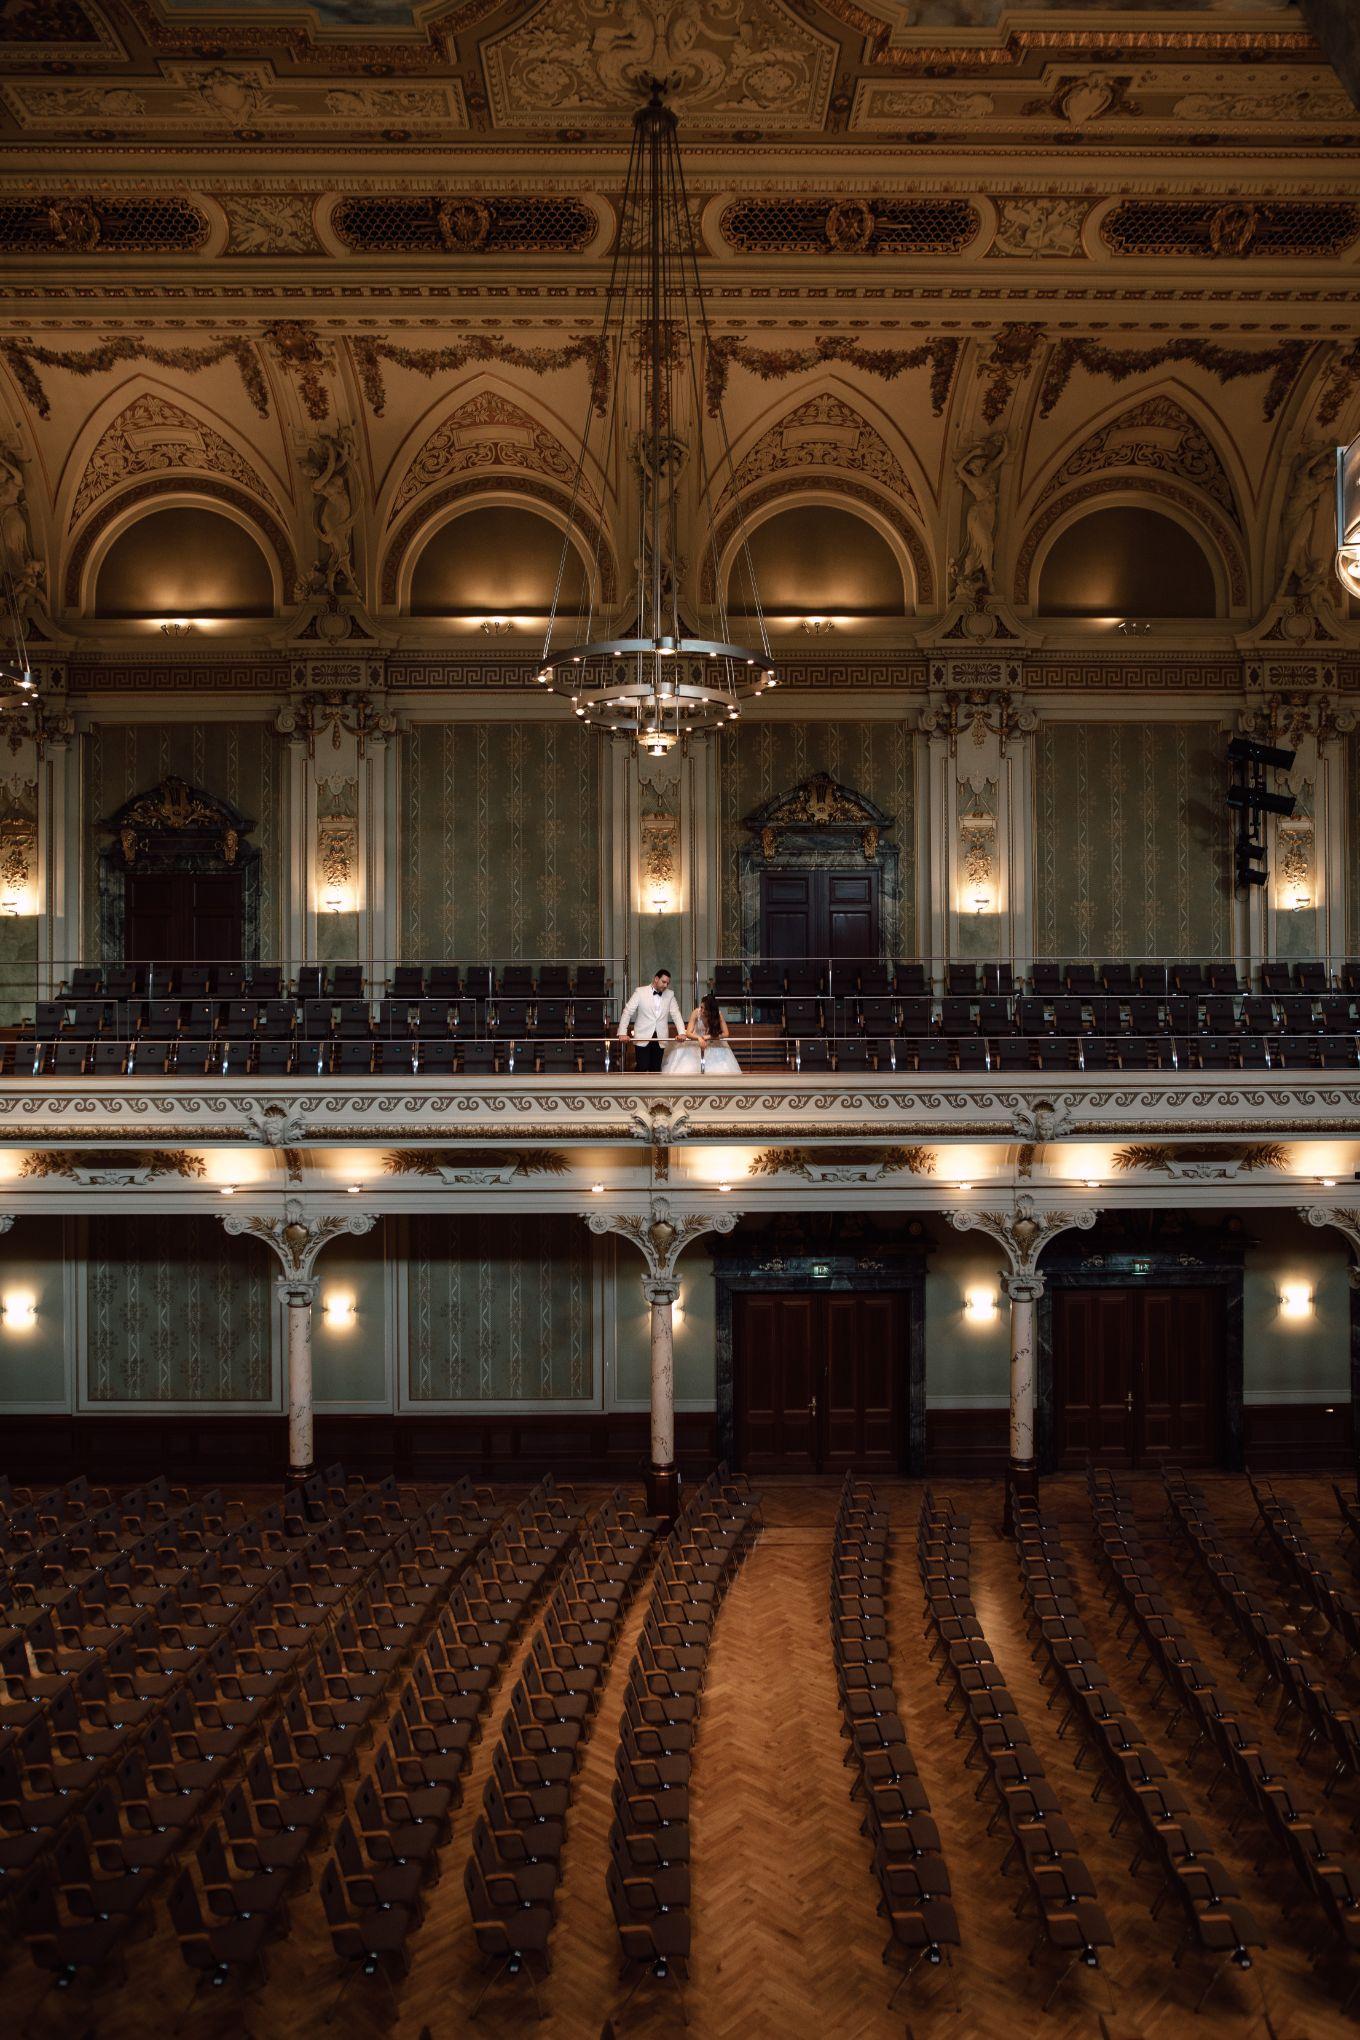 Hochzeit-Historische-Stadthalle-Wuppertal-The-Saums-KN-69.jpg